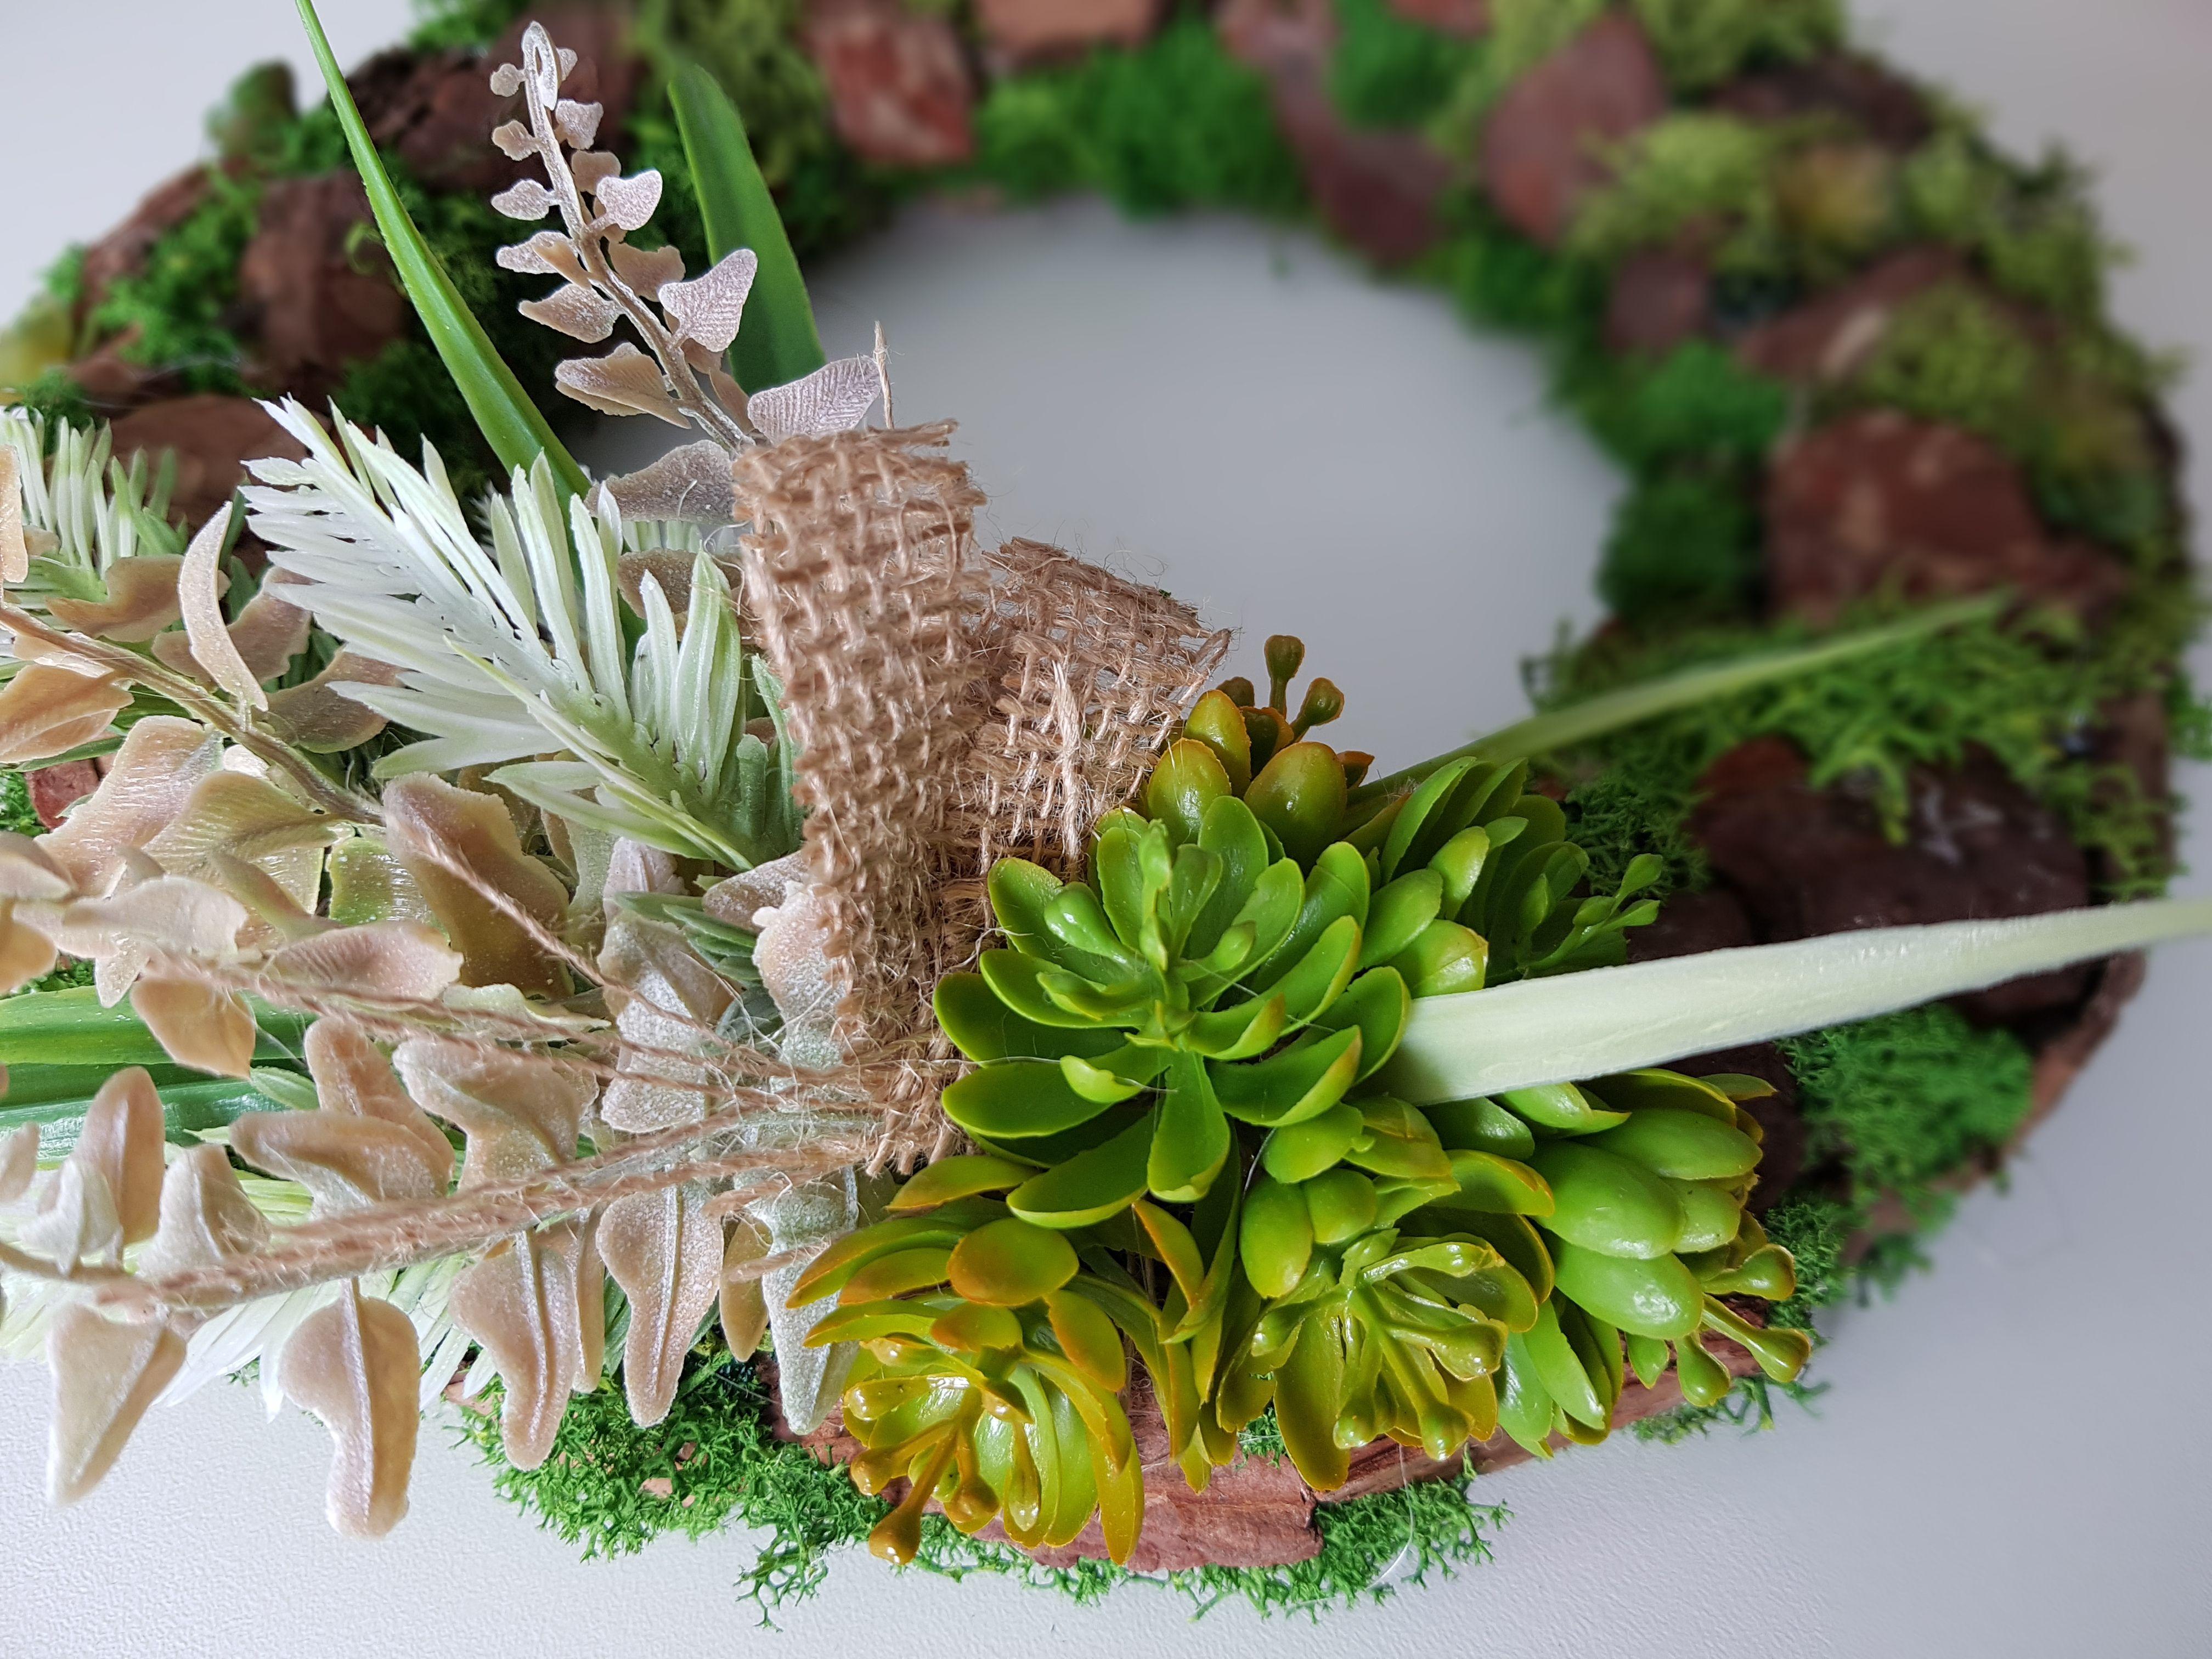 Wianek Stroik Z Sukulentow I Kory 27 Cm 8326019270 Oficjalne Archiwum Allegro Plants